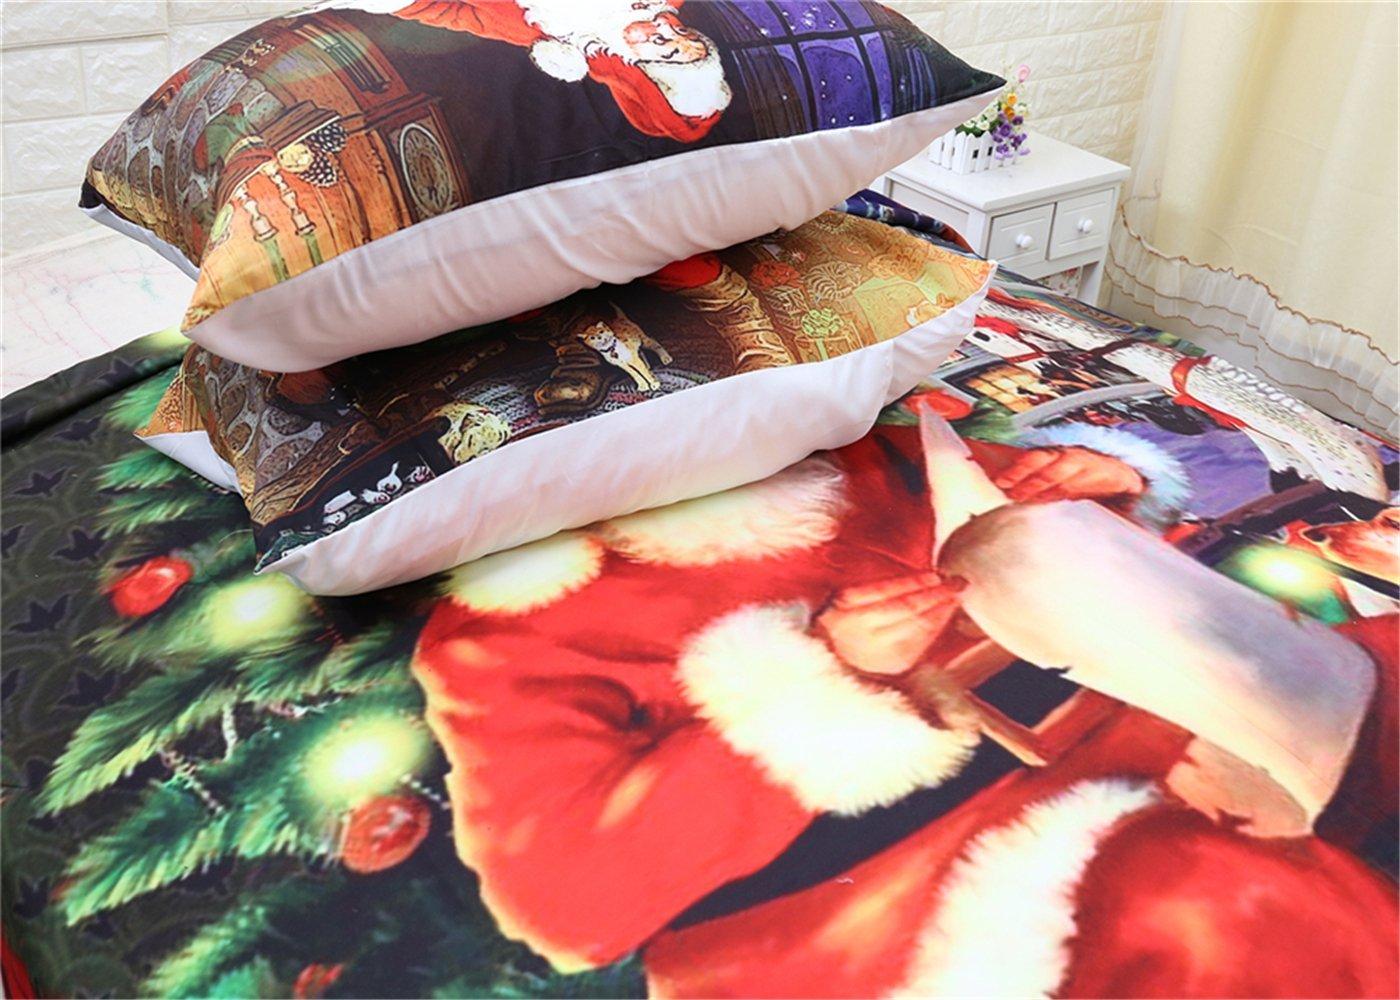 CHAOSE Juego de Sábanas Serie de Navidad Funda Nórdica de Algodón y poliéster 3 Piezas (1 Funda Nórdica + 2 Funda de Almohada 48x74cm)